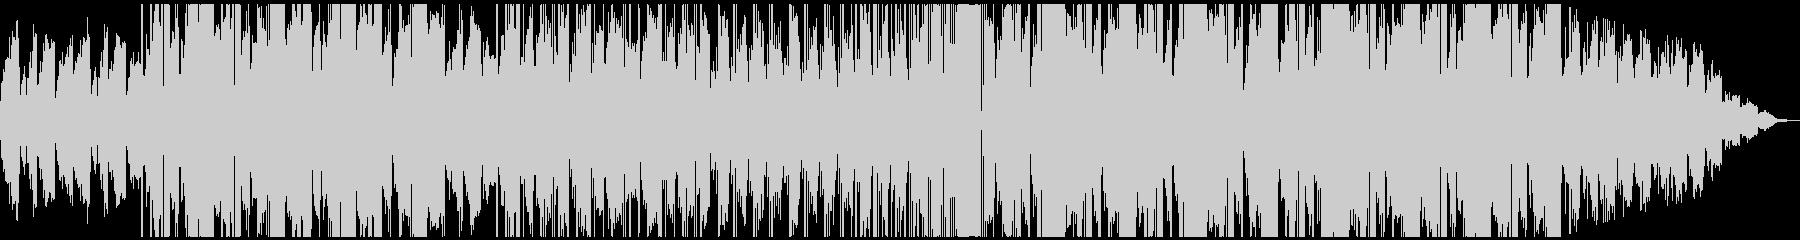 可愛い系LoFiエレクトロ ミドルテンポの未再生の波形